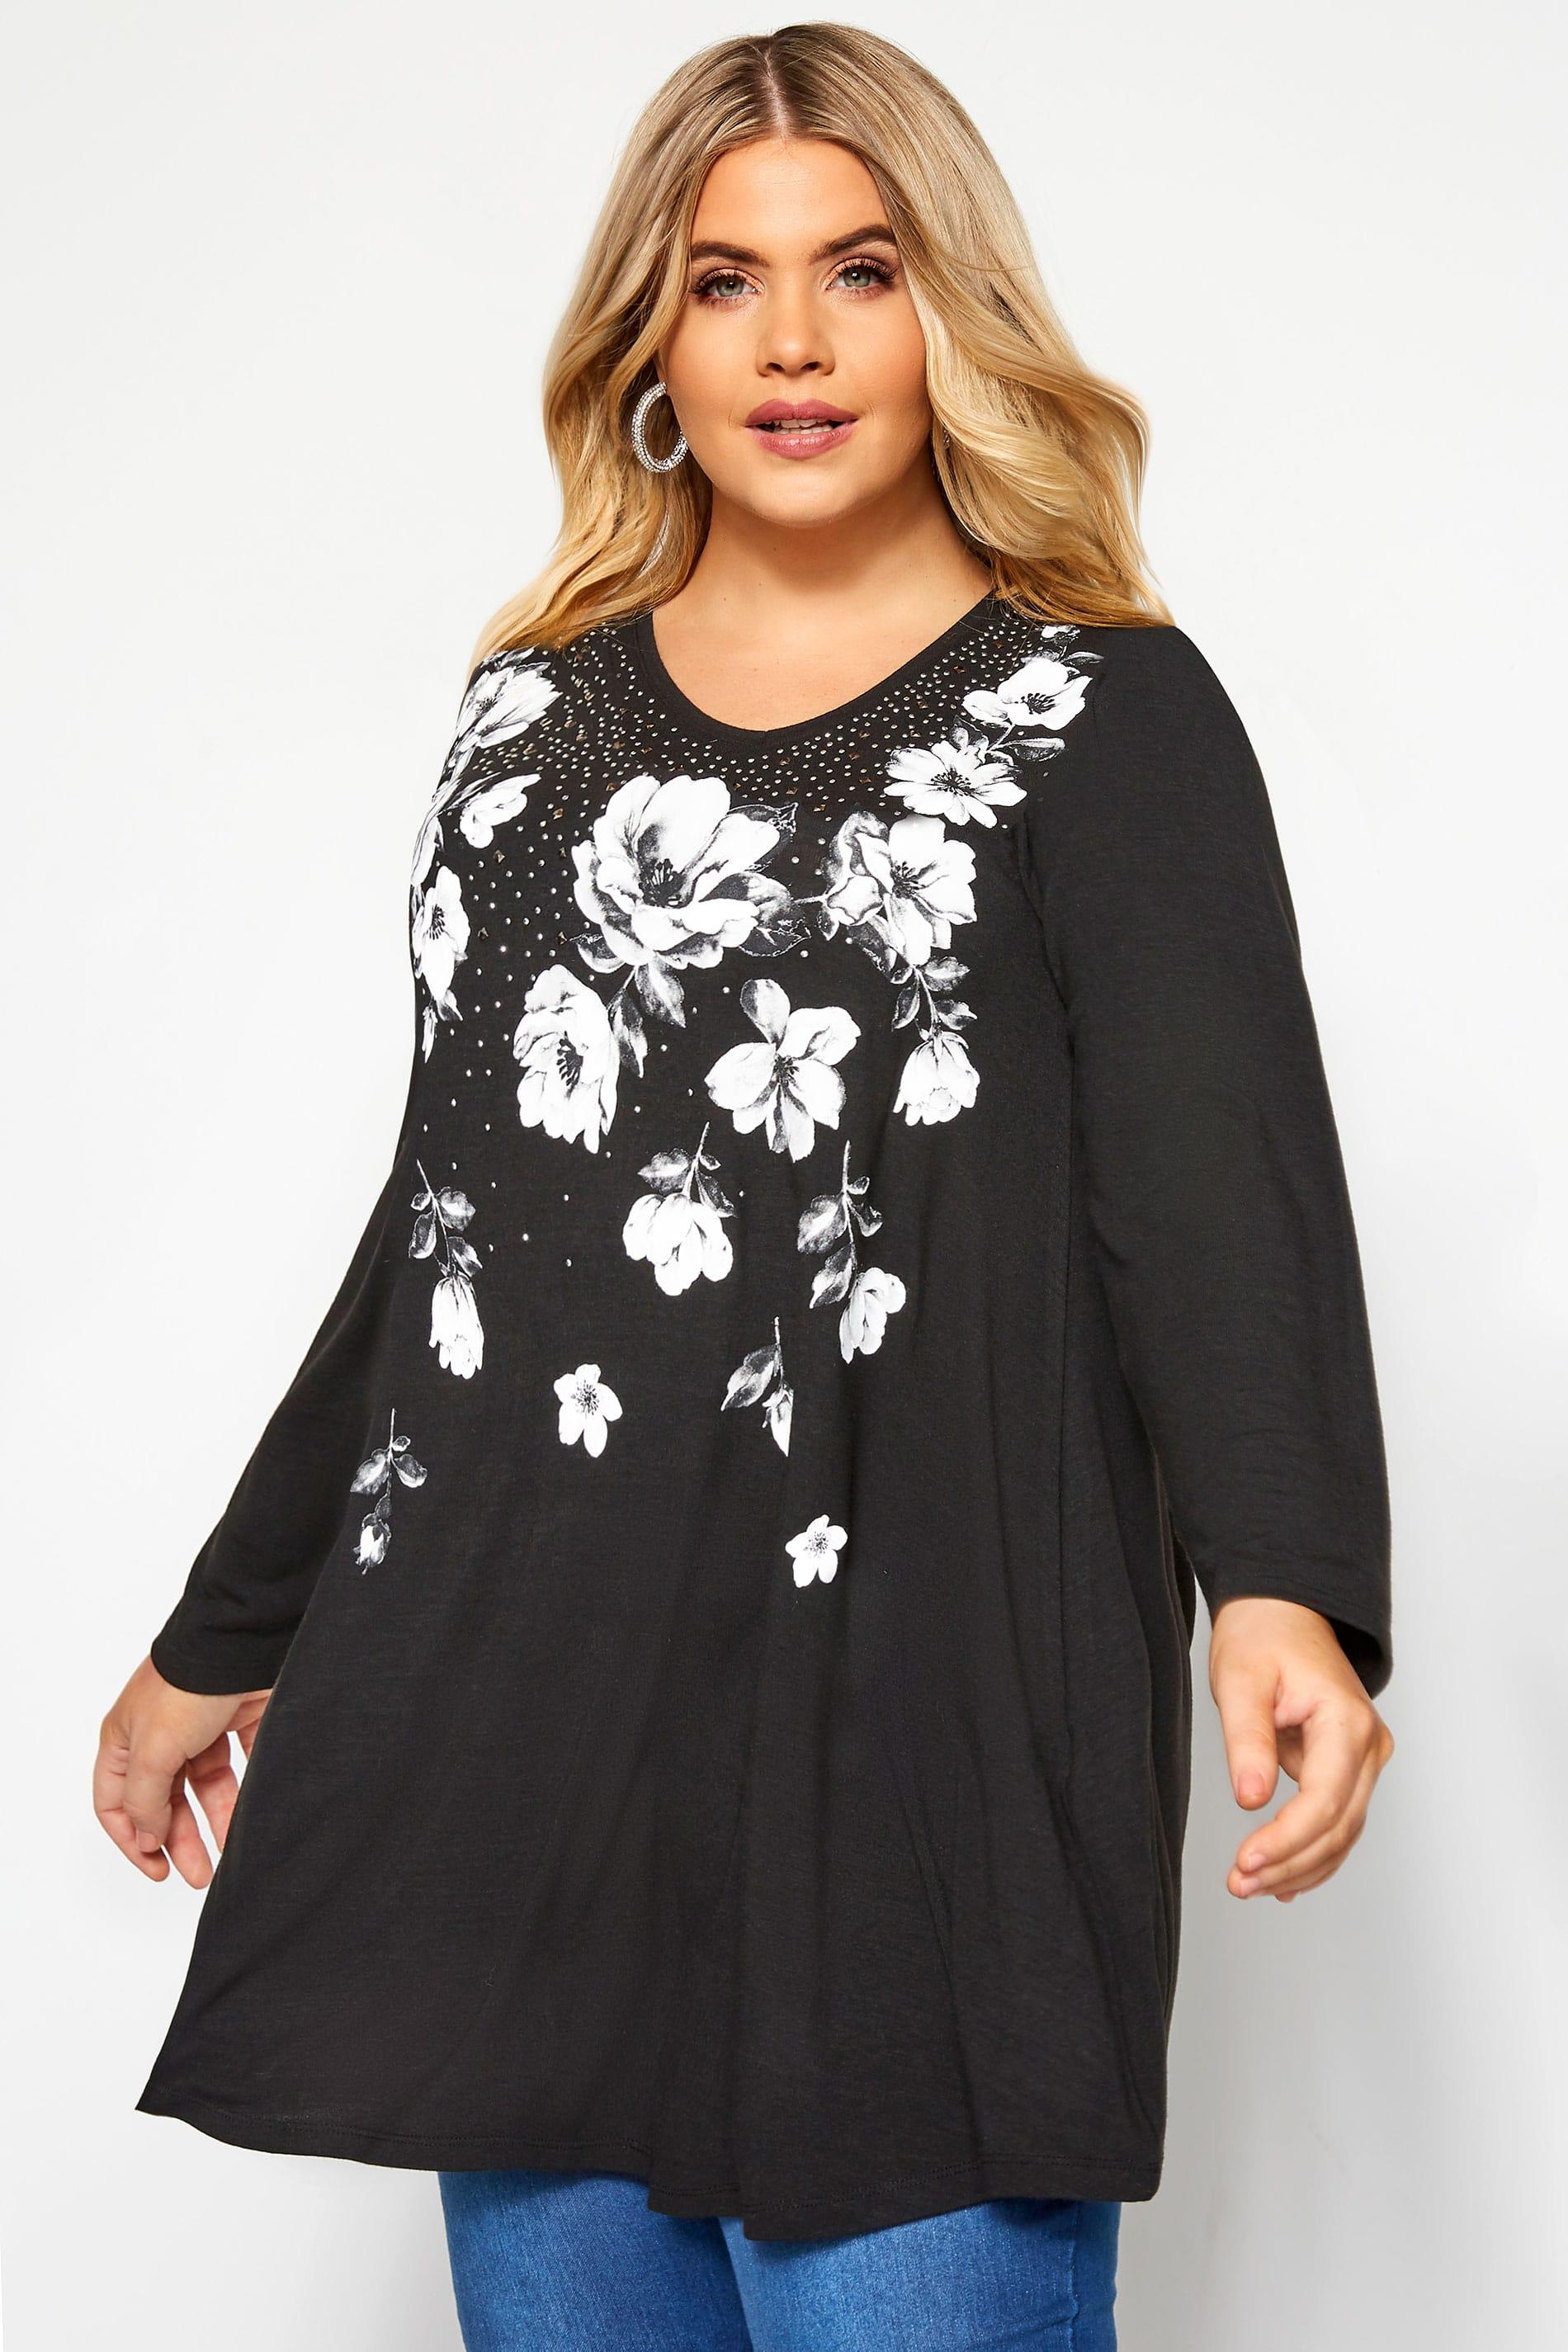 Black Floral Embellished Swing Top